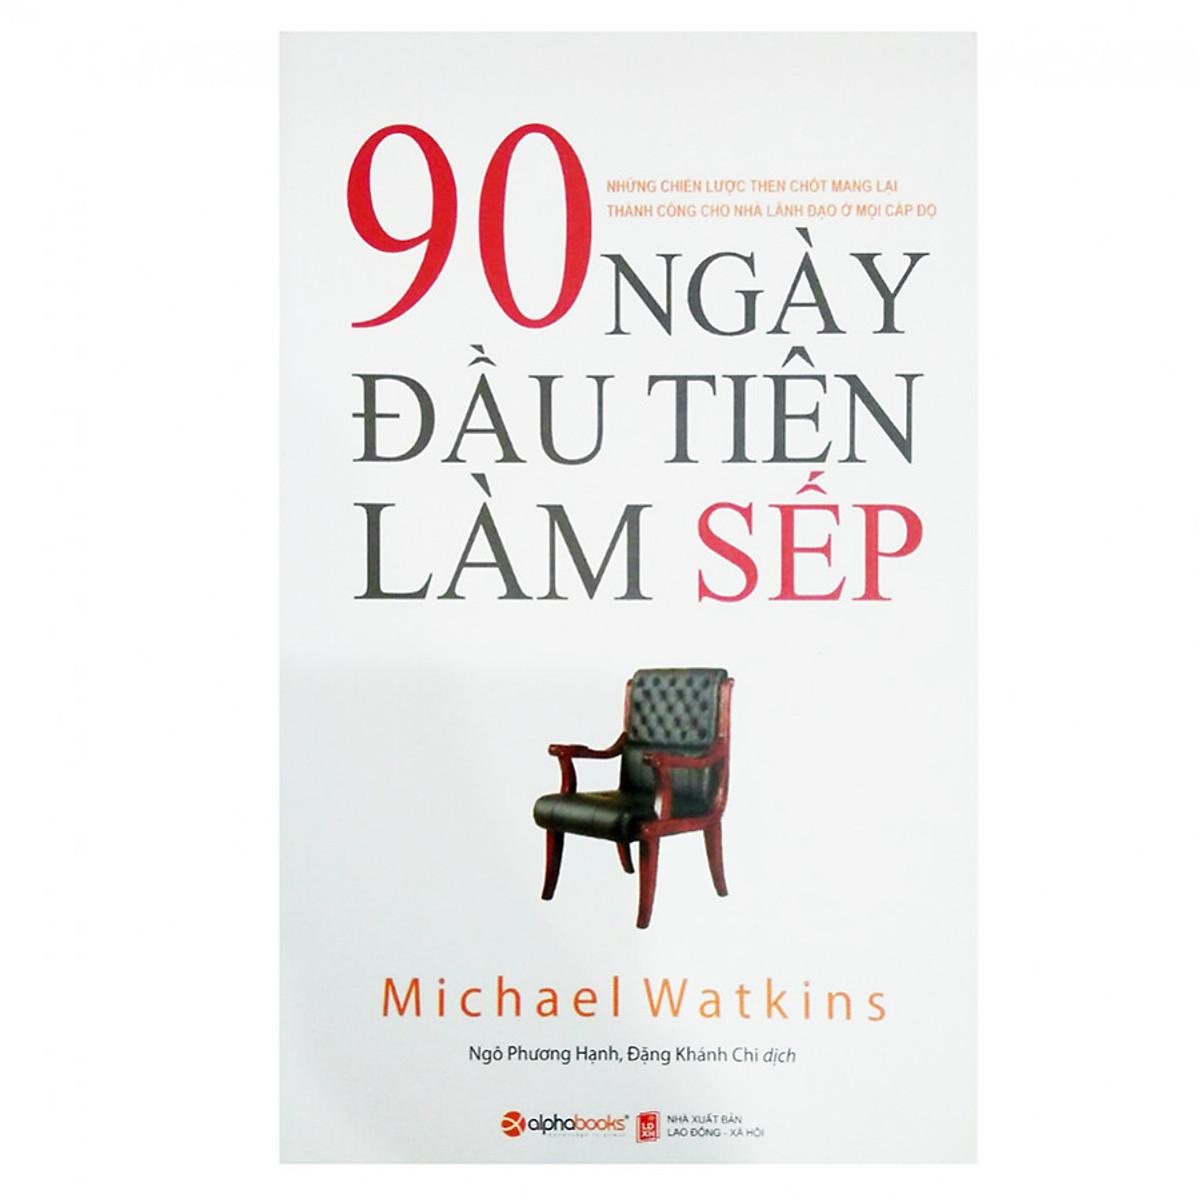 Combo 2 cuốn sách: Bước Vào Cửa Hiệu Nhiệm Màu + 90 Ngày Đầu Tiên Làm Sếp